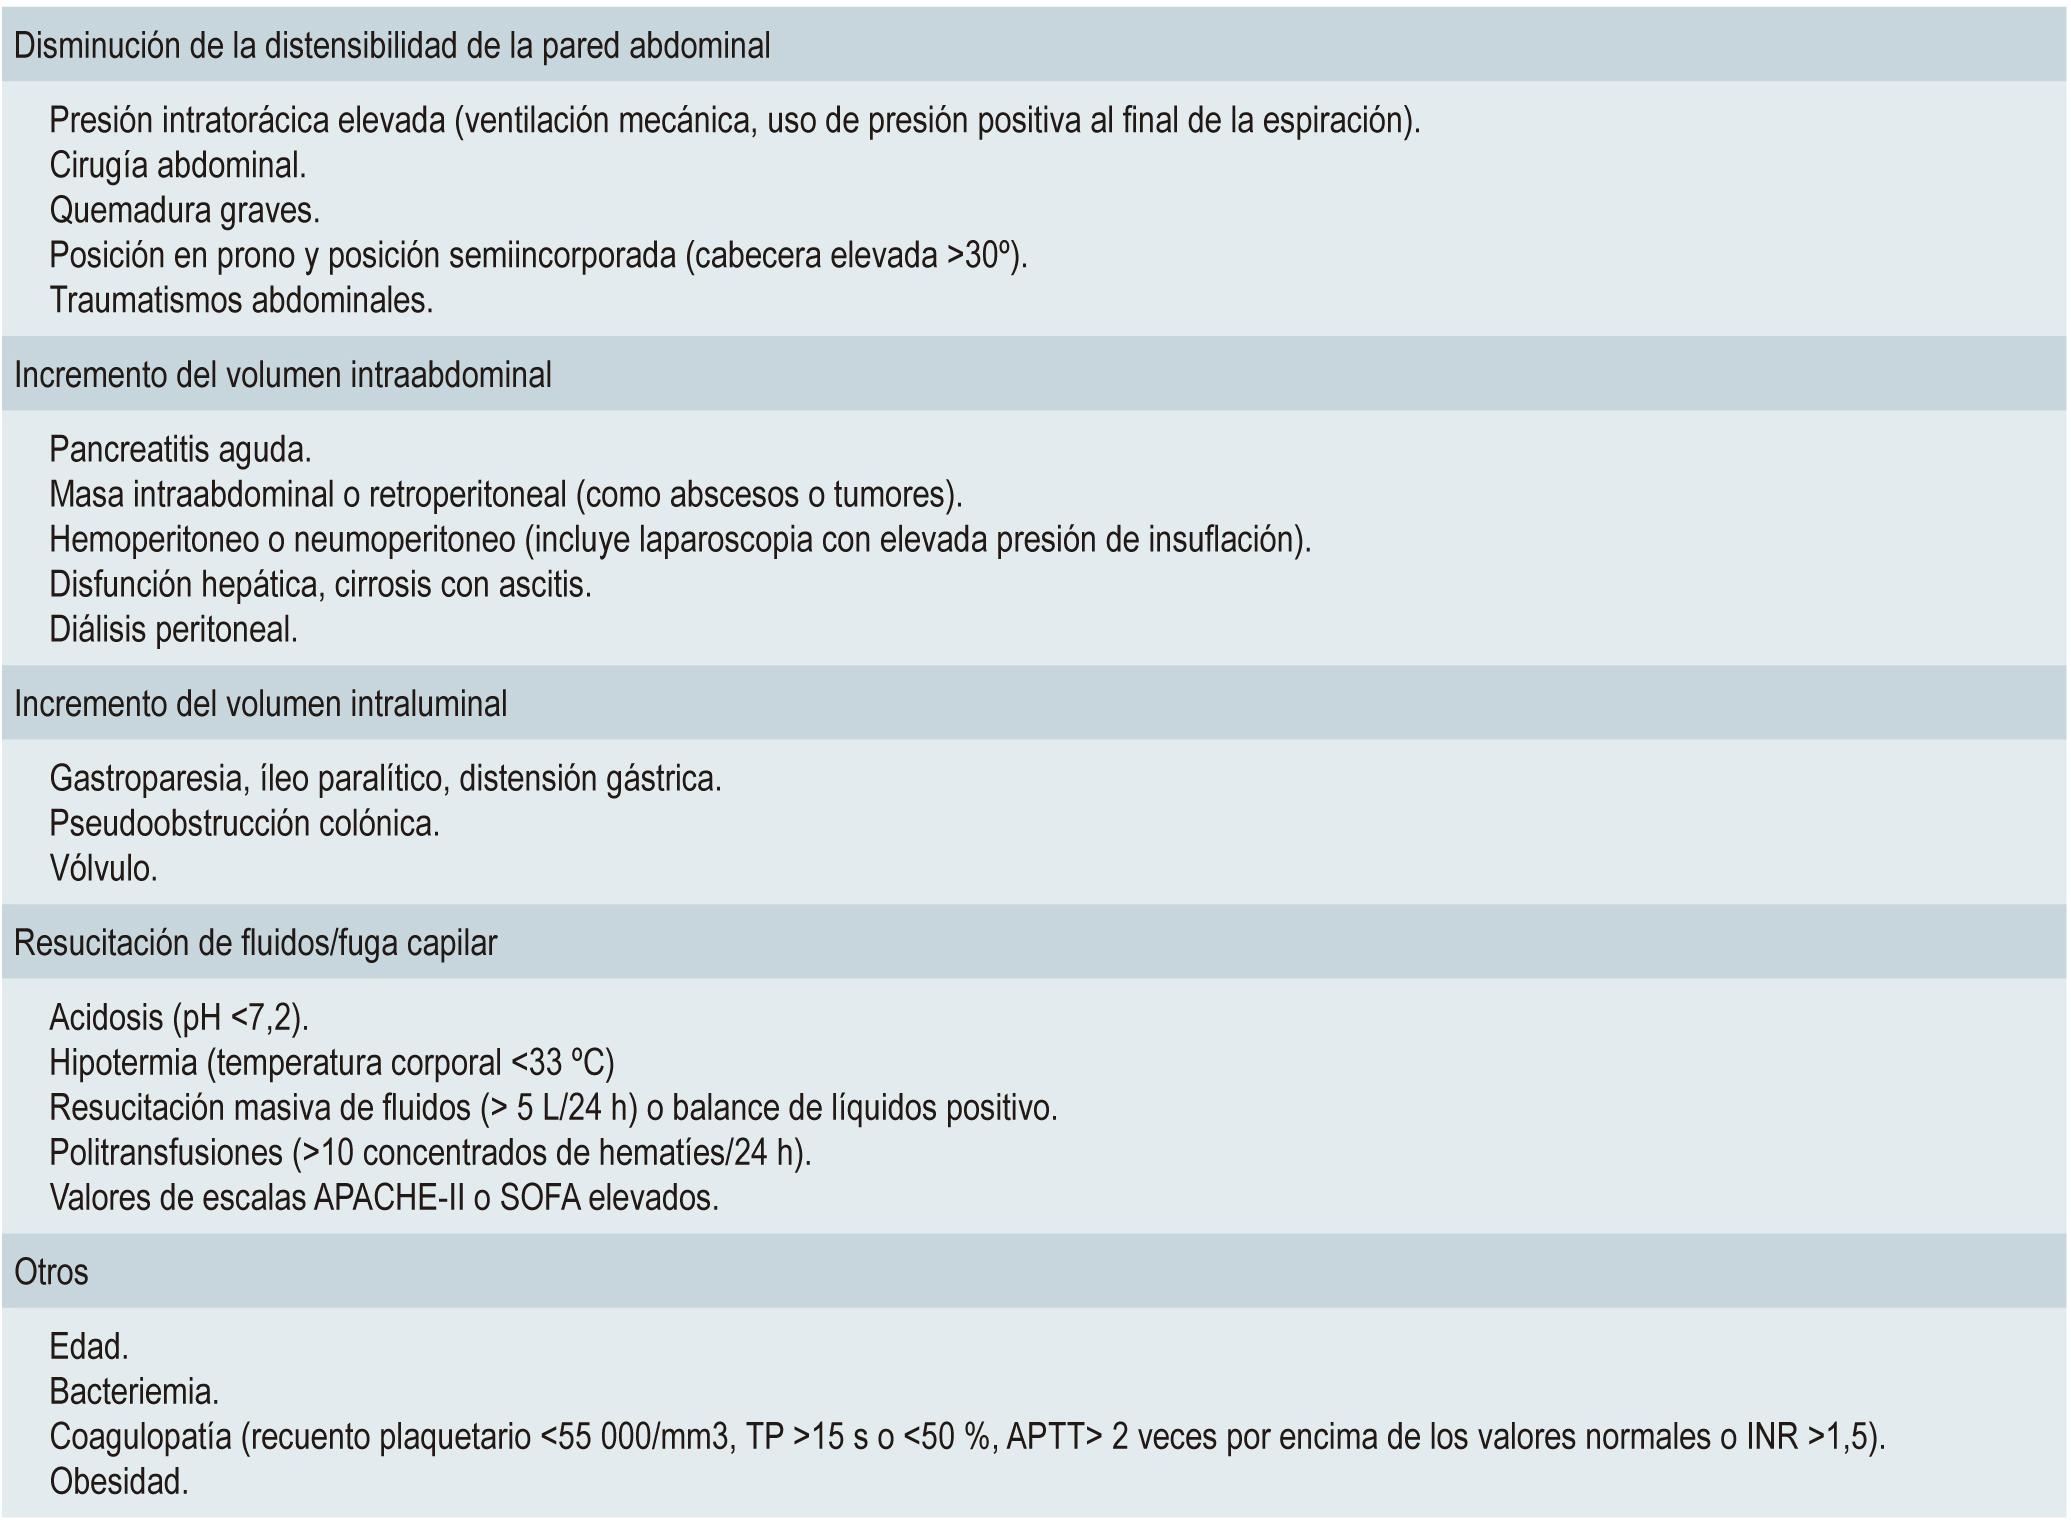 Tabla 1. Factores de riesgo para el desarrollo del SCA